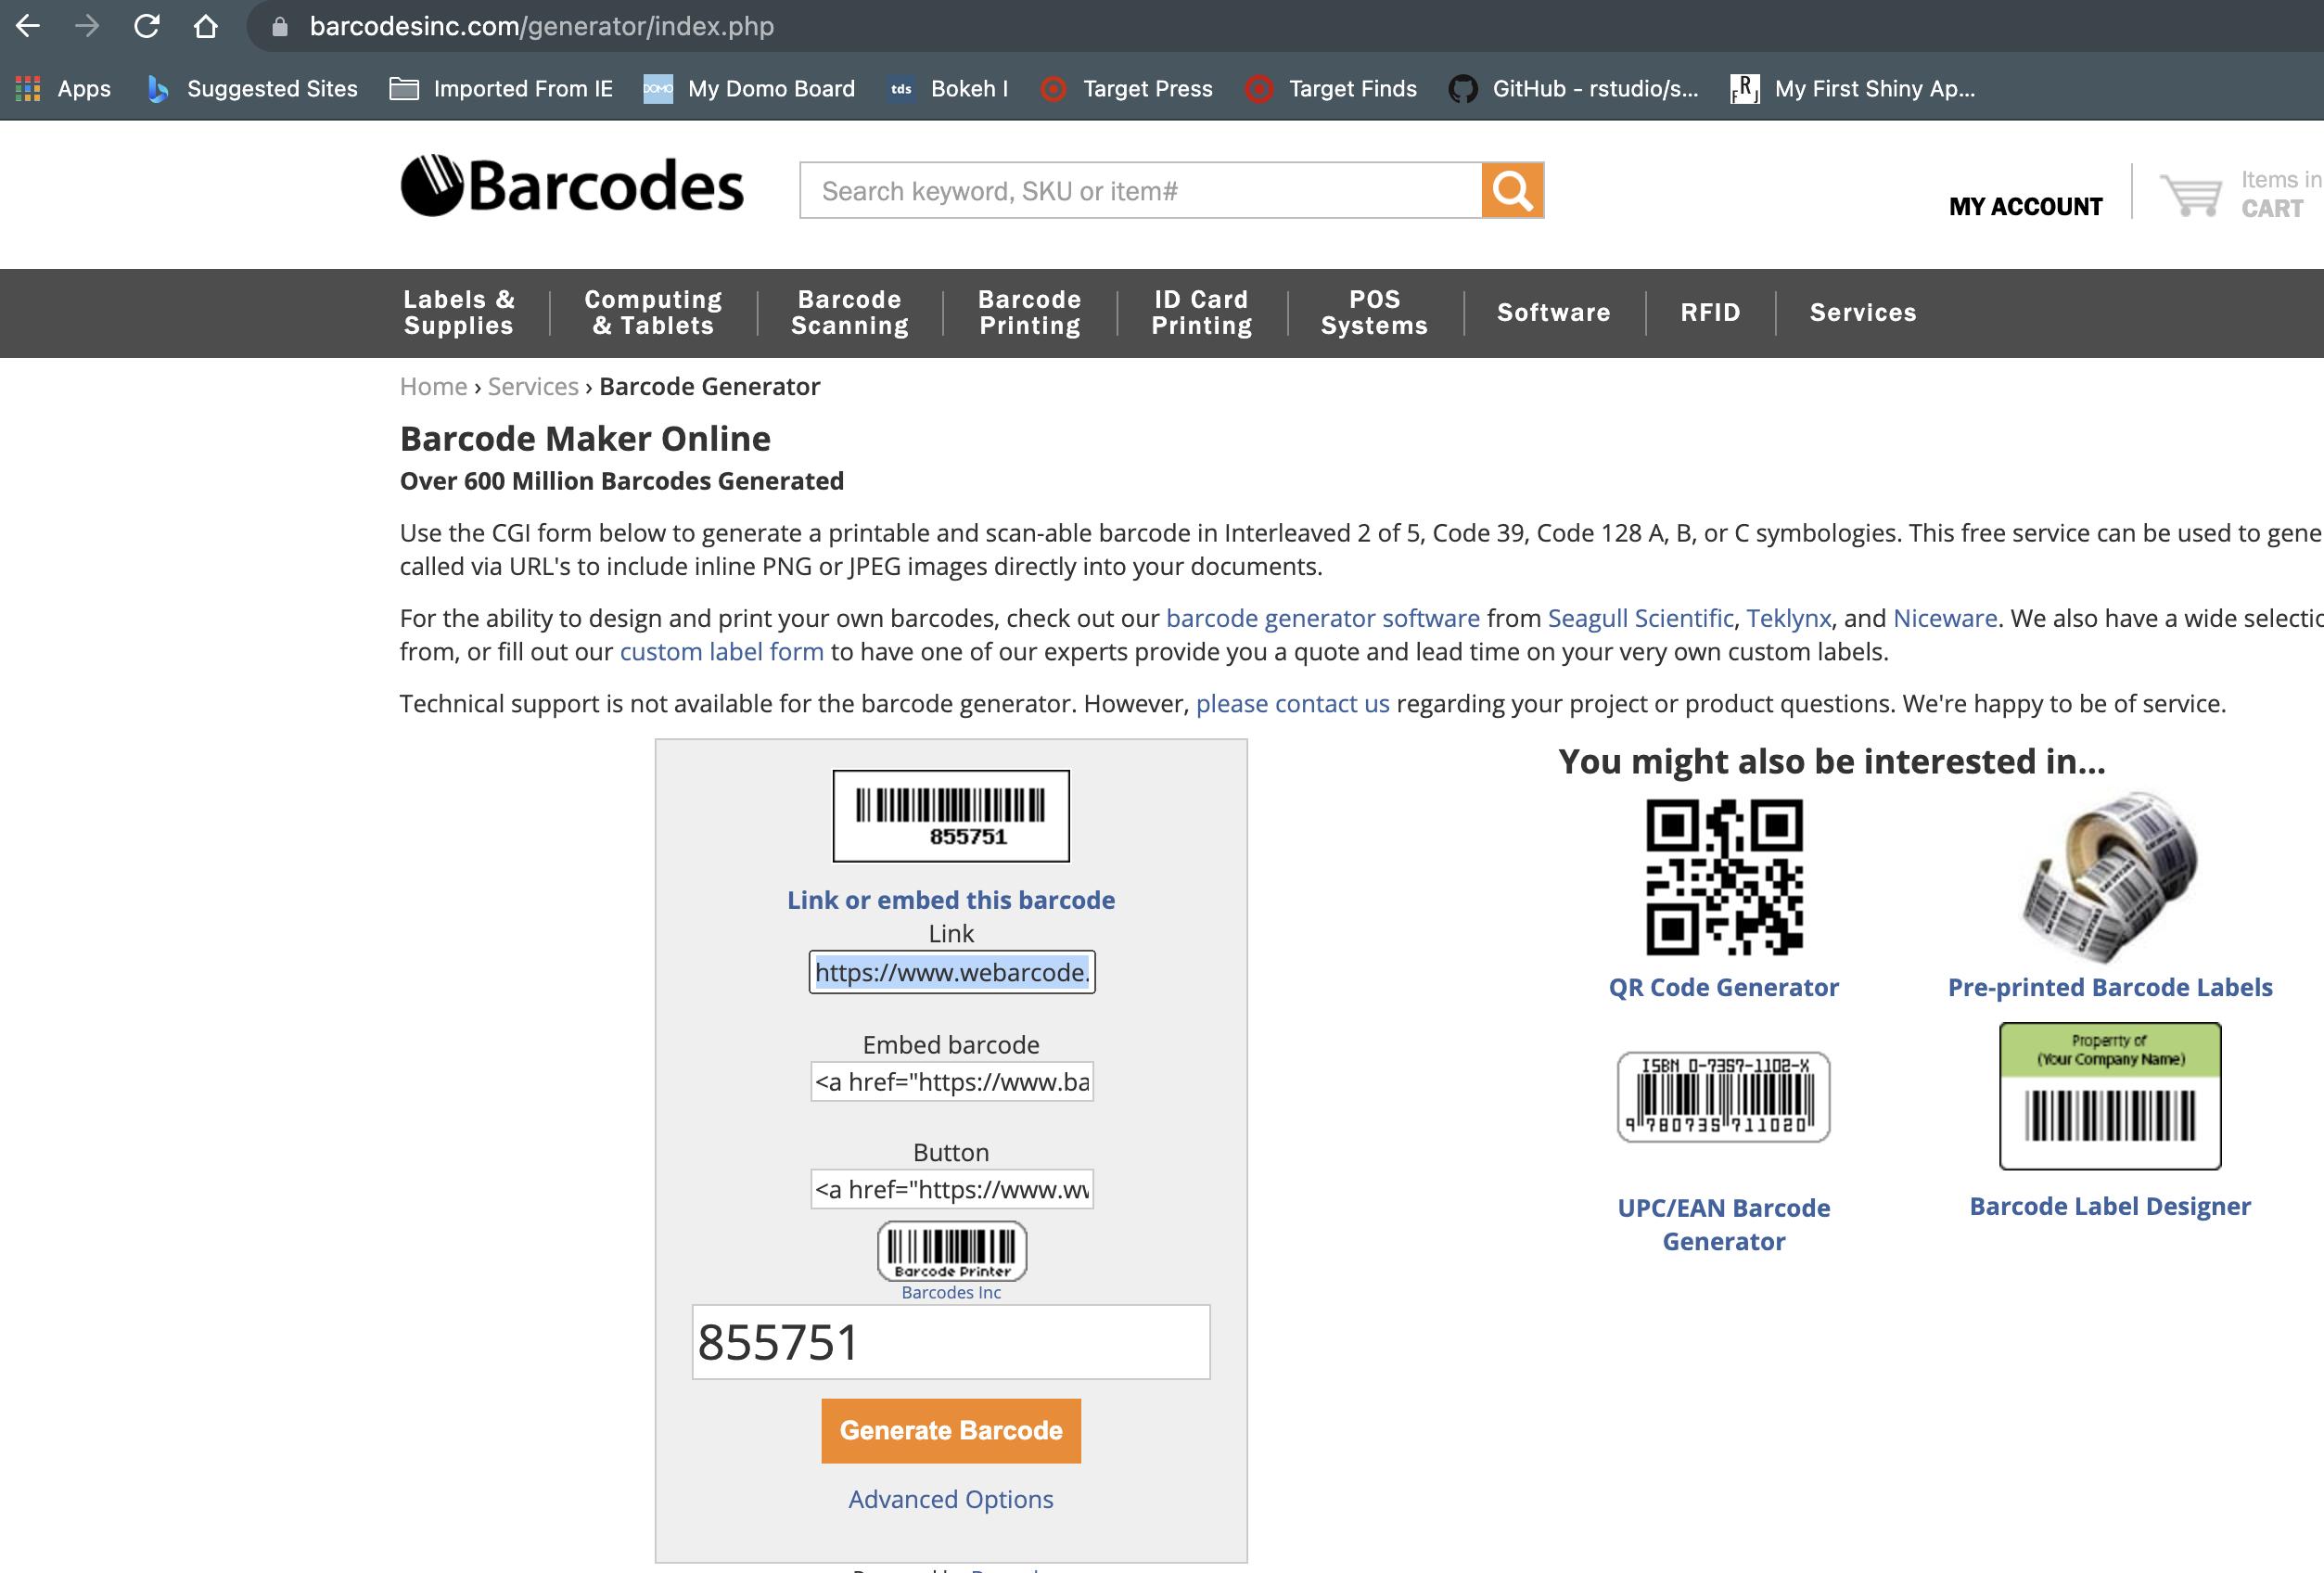 BARCODE online generator link